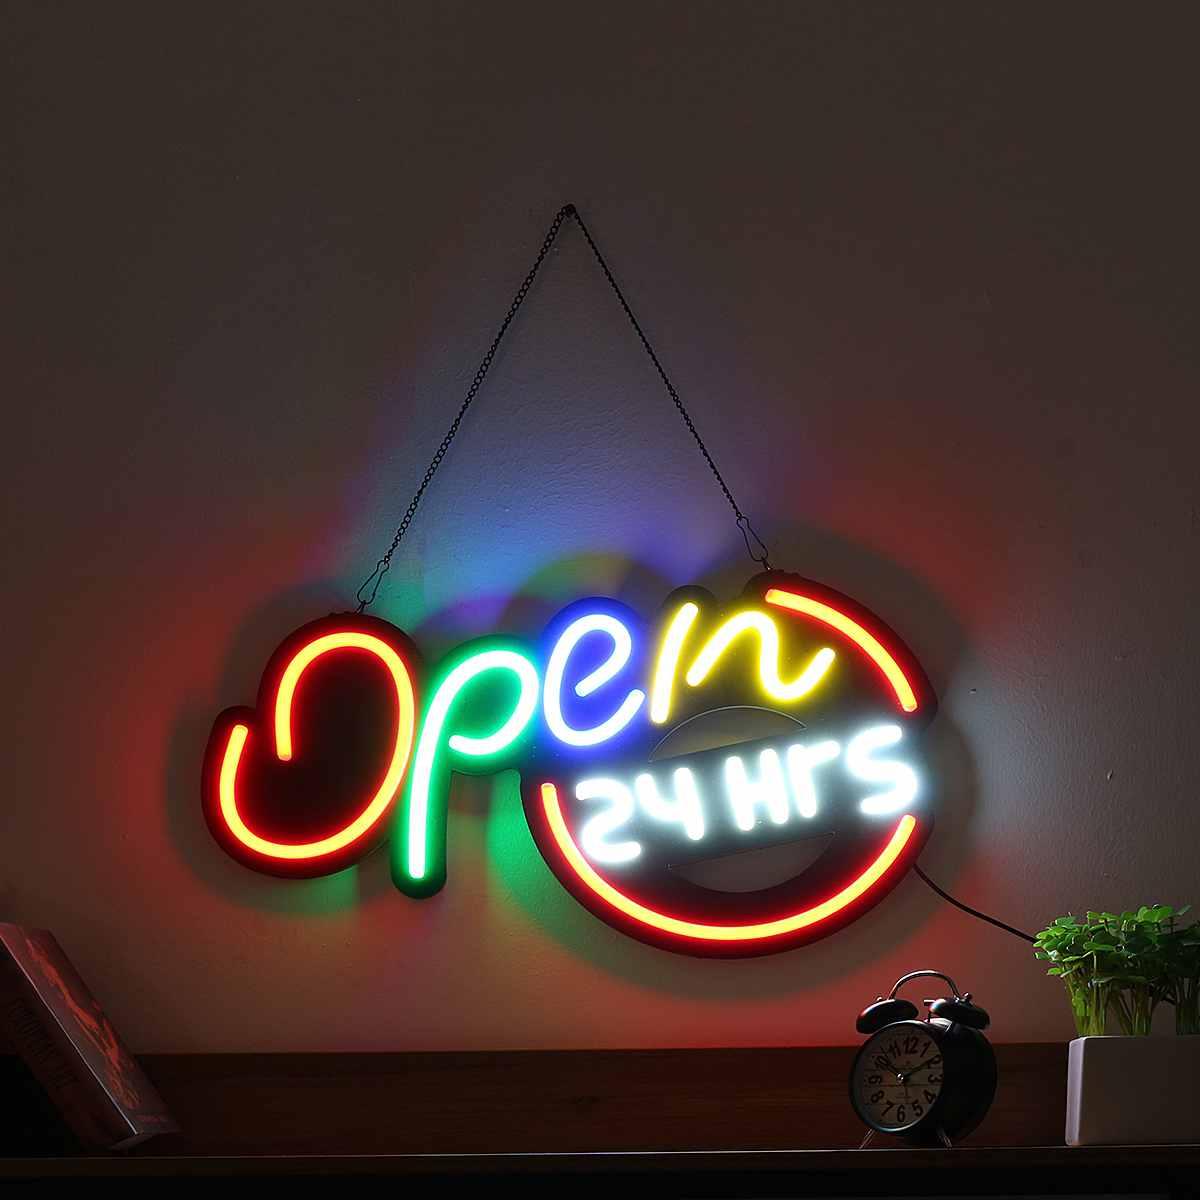 Enseigne au néon ouverte Tube de lumière LED à la main illustration visuelle Bar Club KTV décoration murale néon ampoules éclairage Commercial artisanat